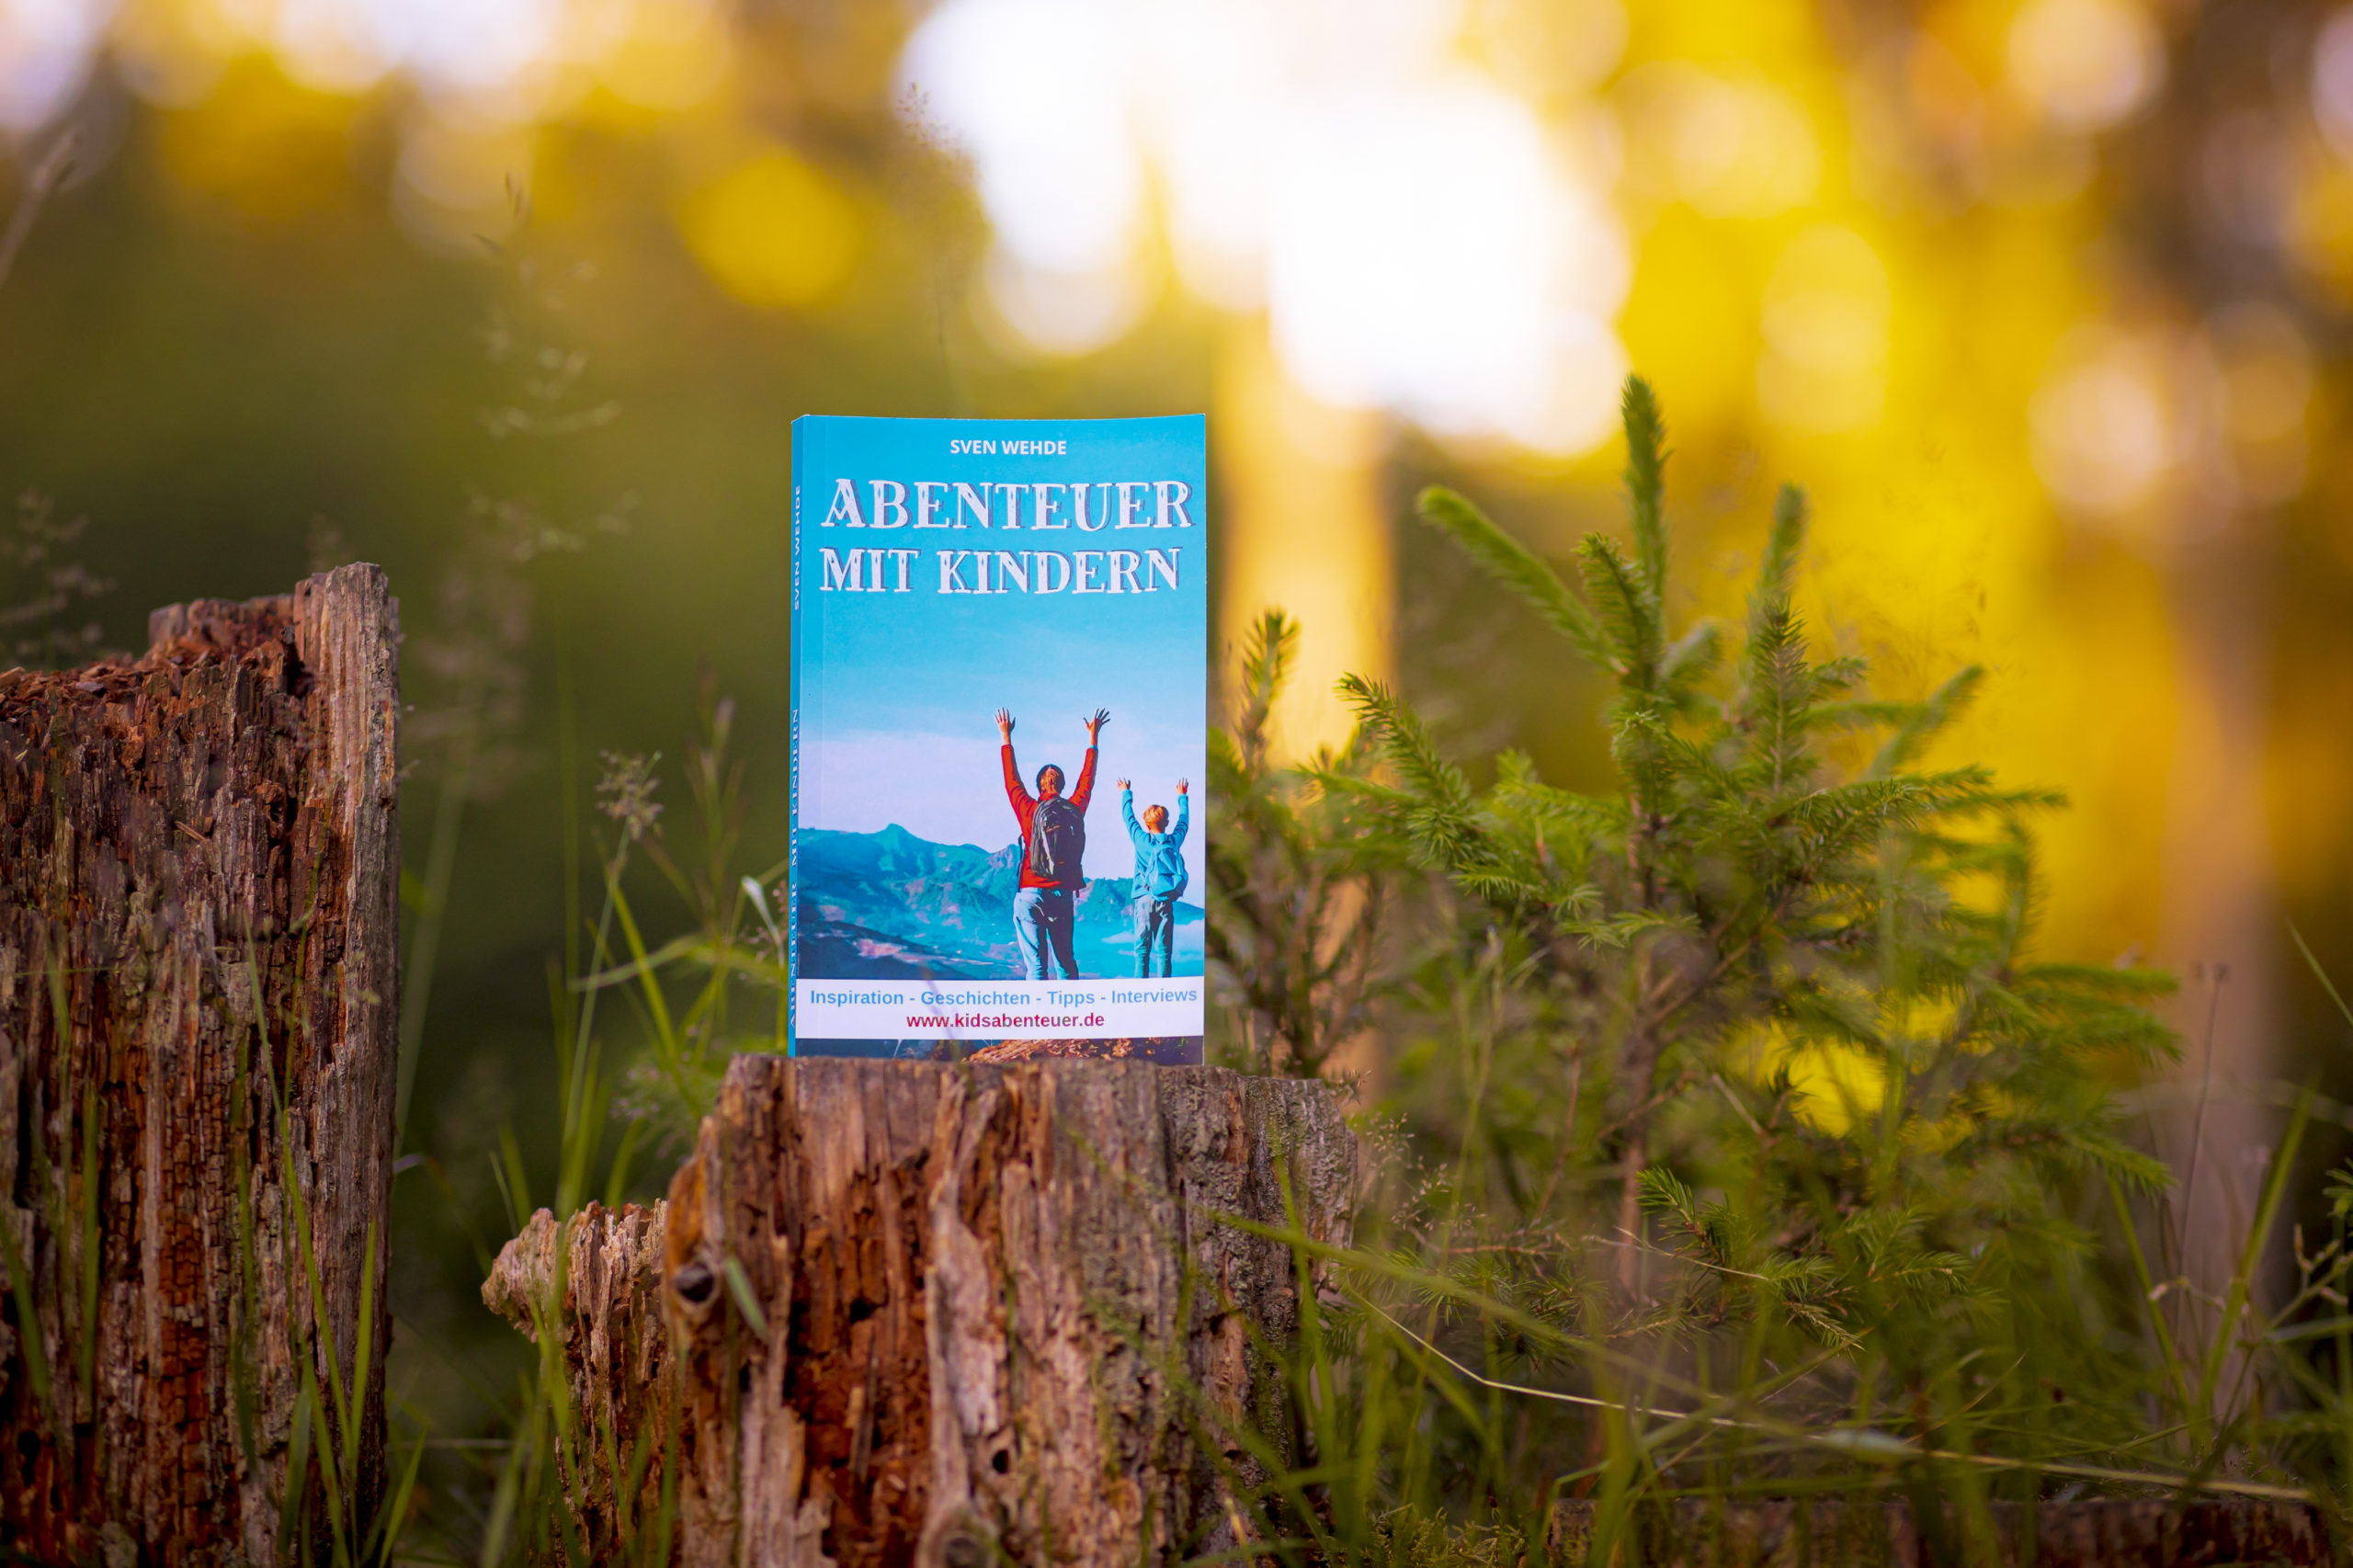 Abenteuer mit Kindern das Buch in der freien Natur